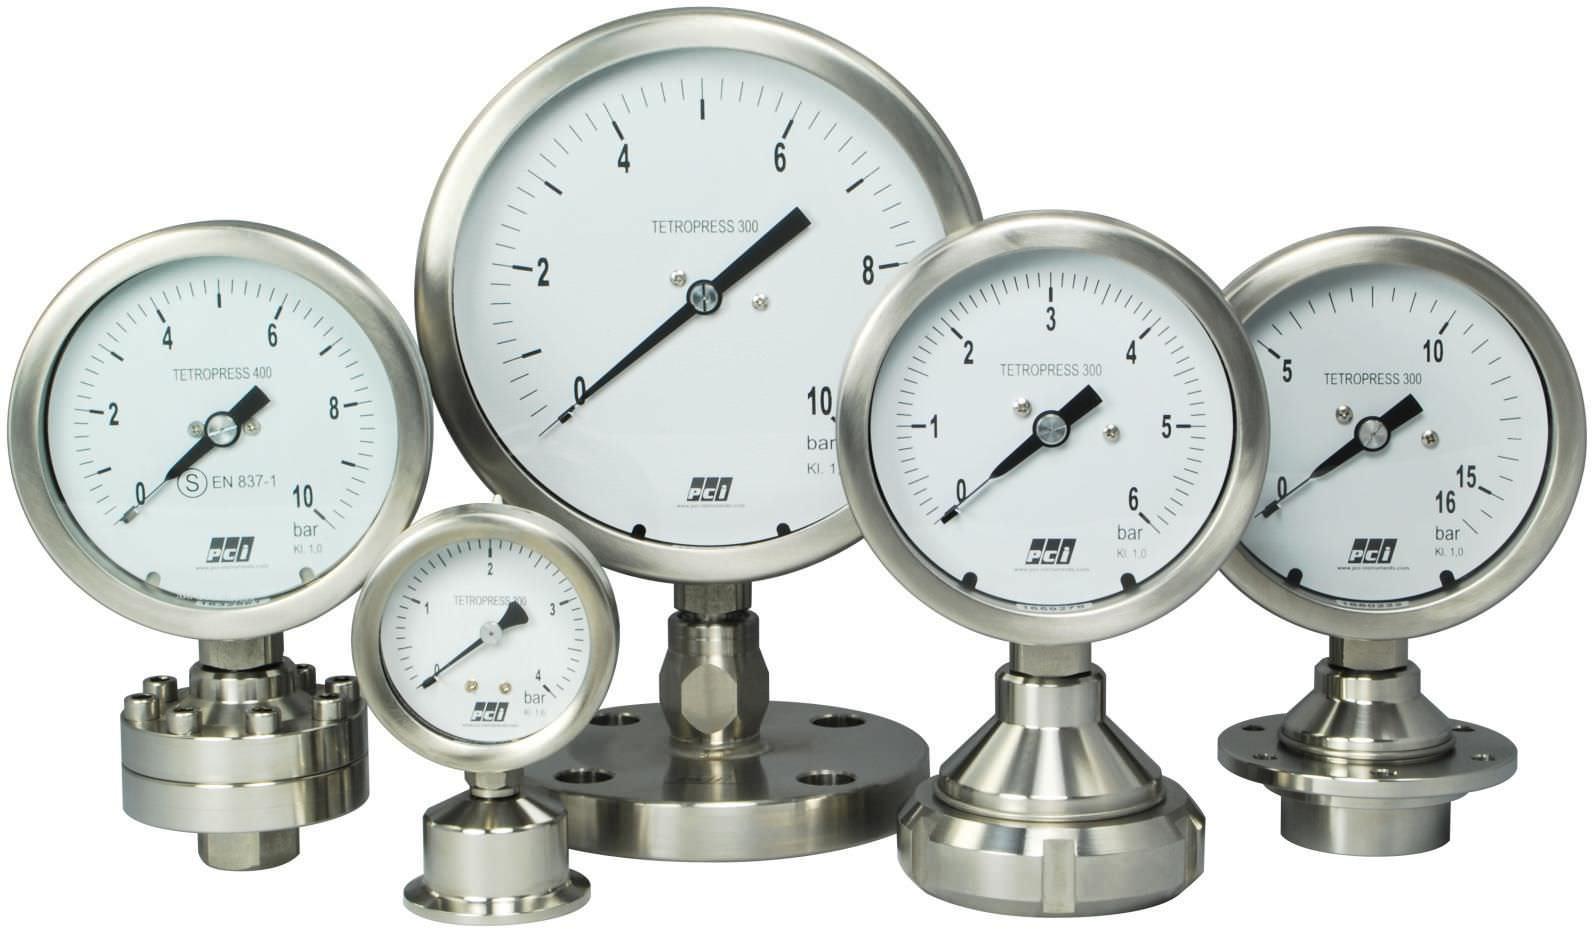 analog-pressure-gauge-1